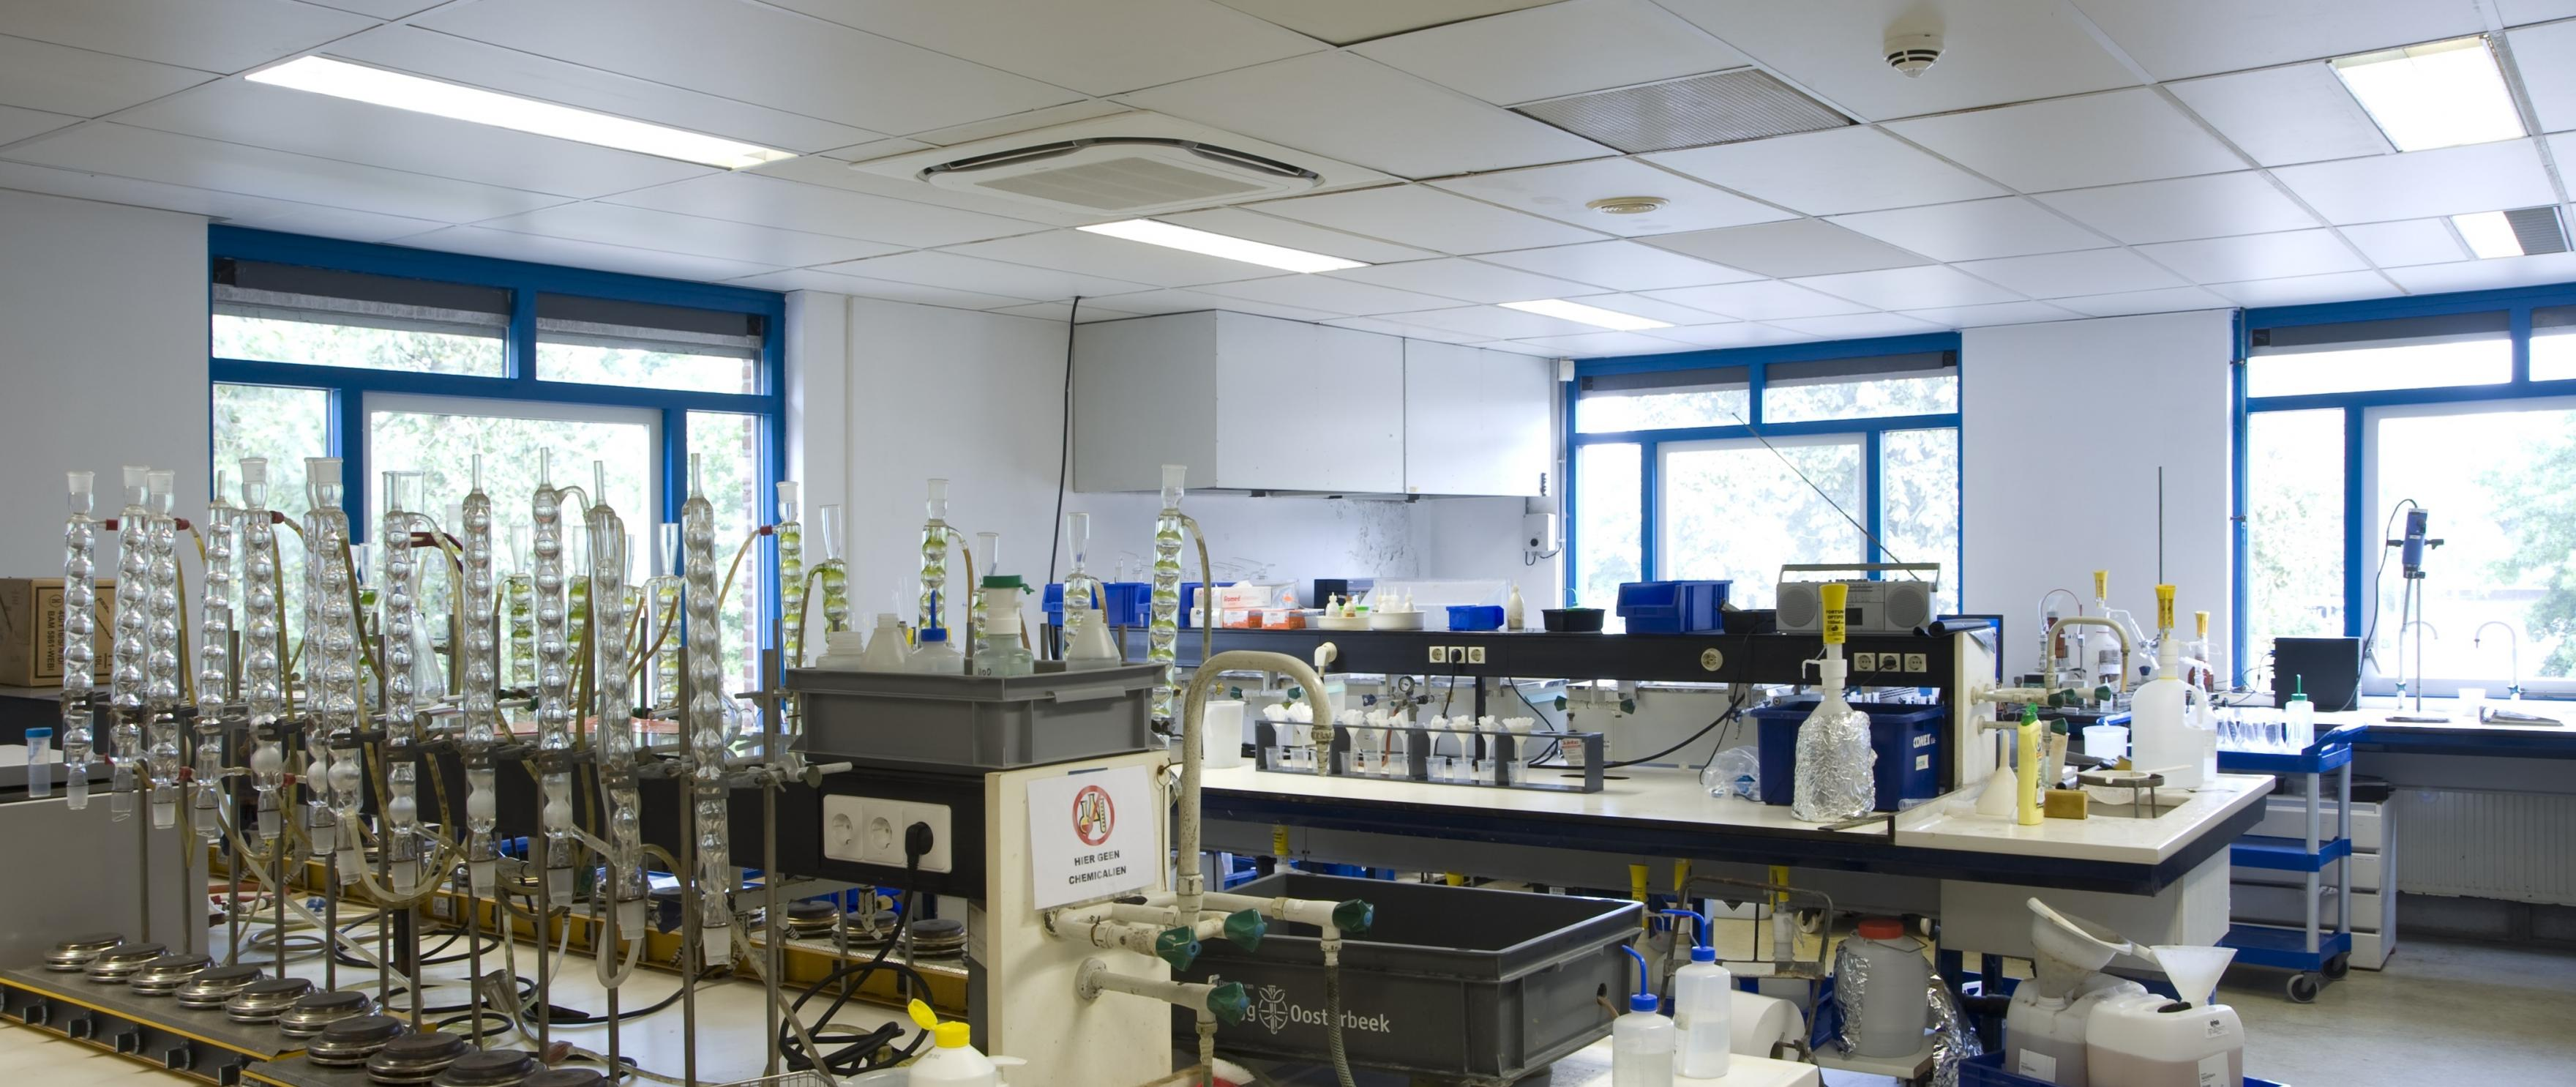 Vervangen verlichting in laboratorium